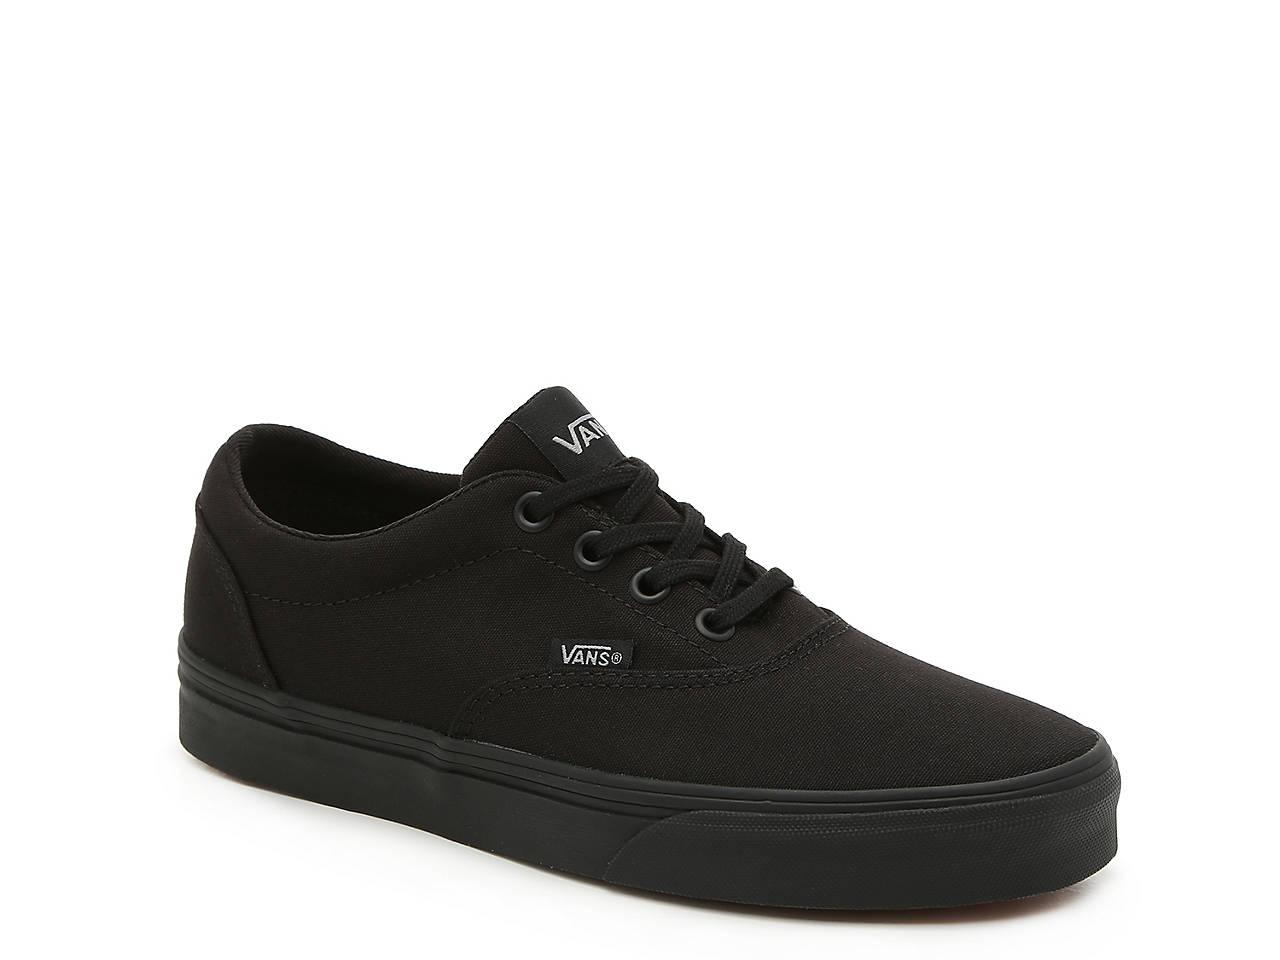 7ea0a2df1b70 Vans Doheny Sneaker - Women s Women s Shoes